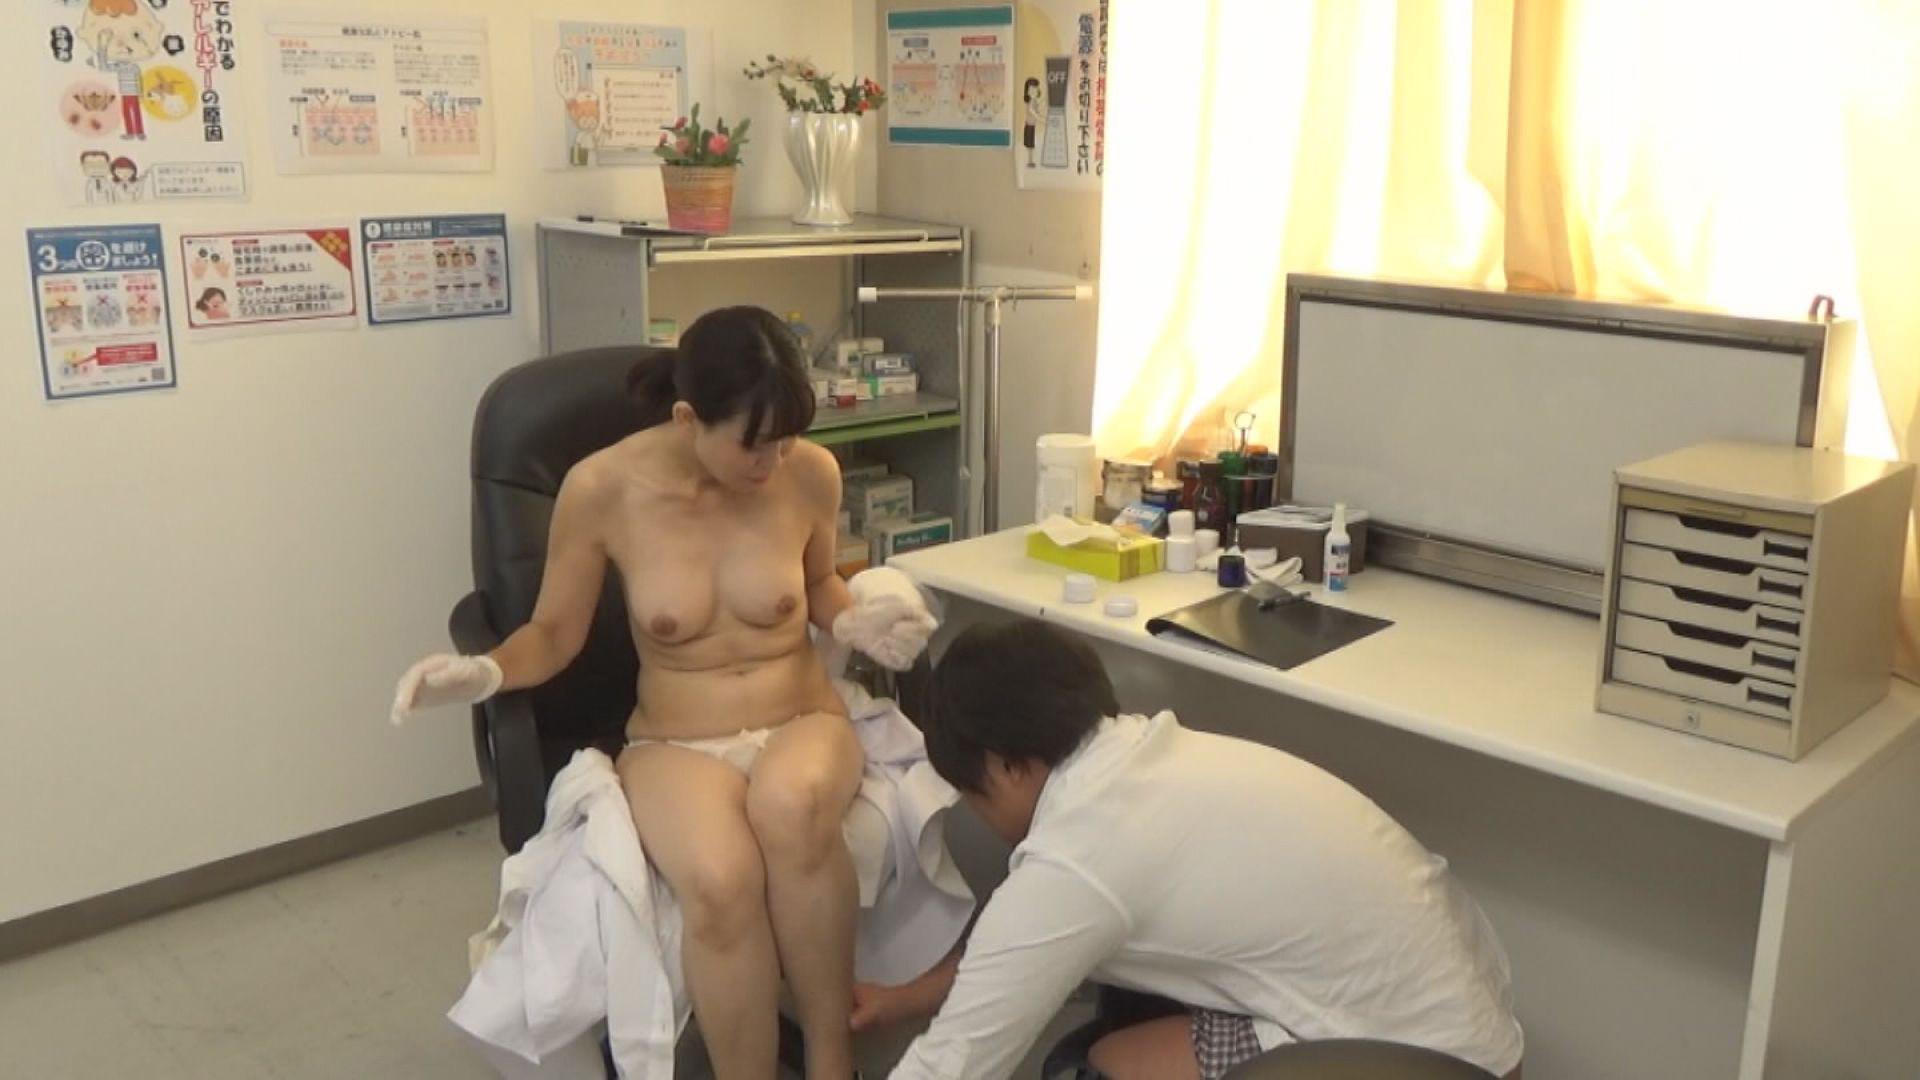 美人の先生がいる皮膚科に行って腫れたチンコを診てもらう流れでヌイてもらいたい(10) 画像21